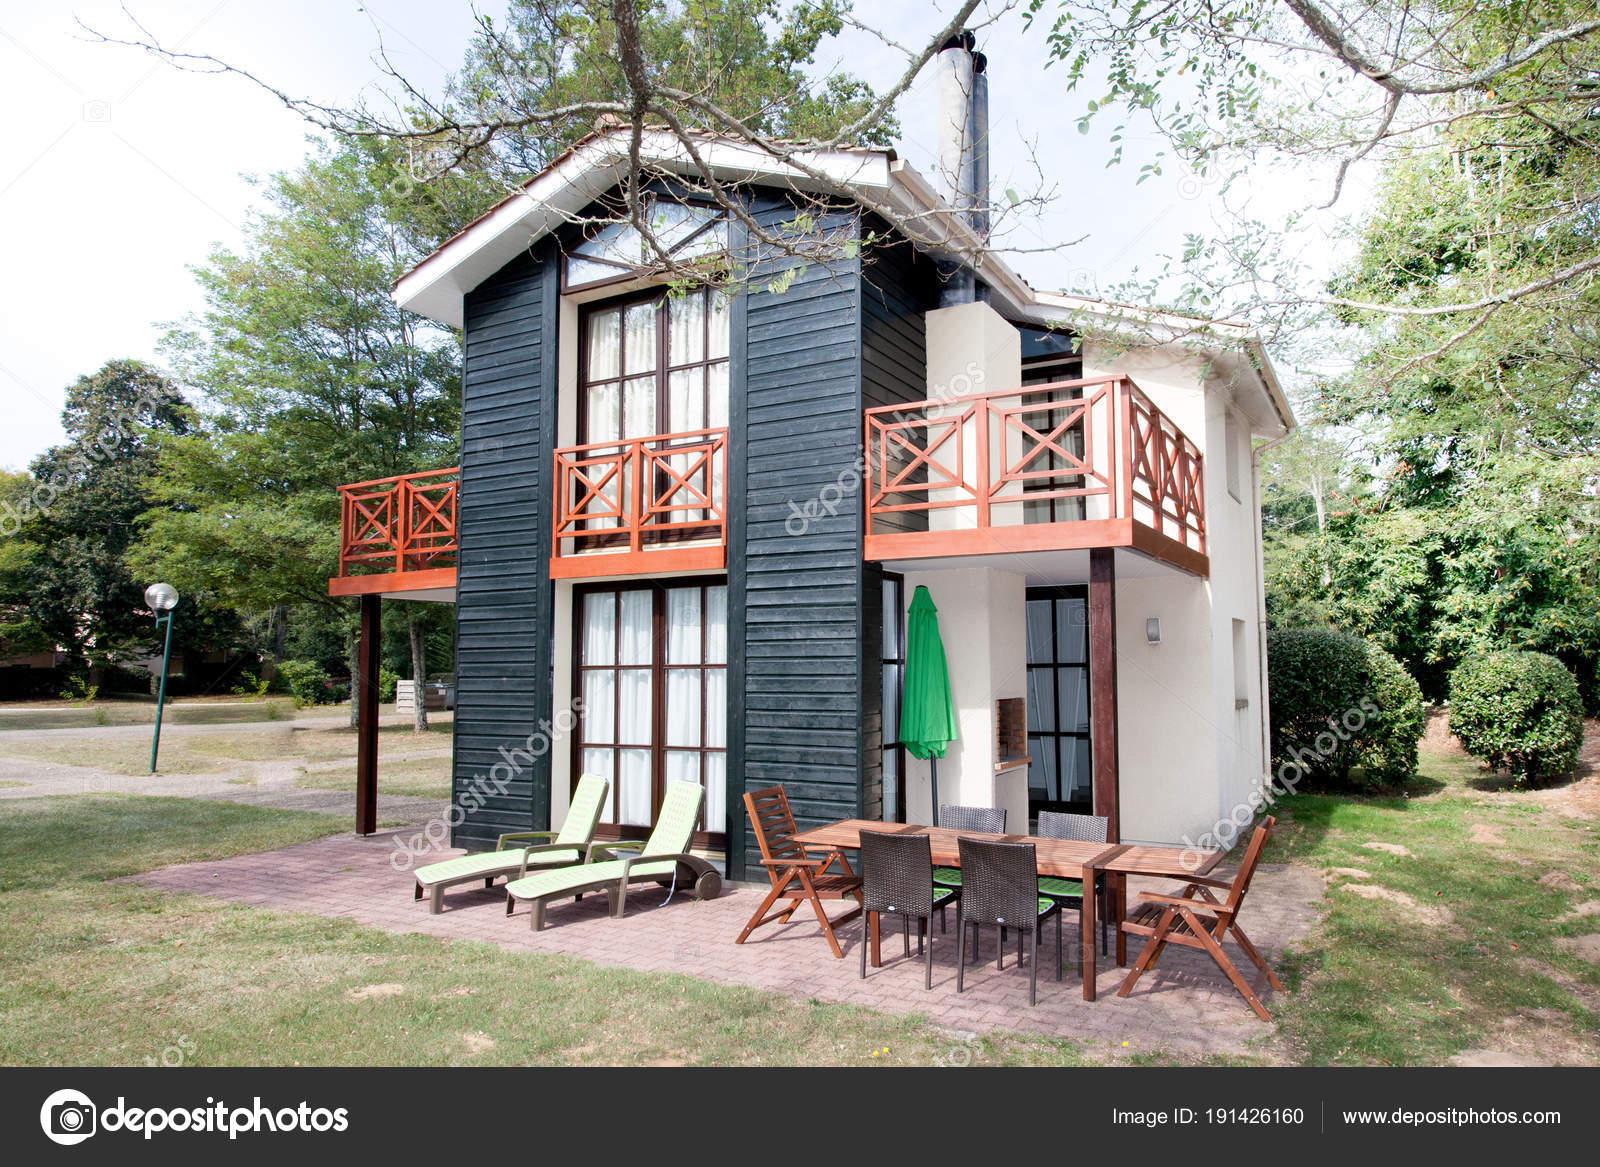 102d276783b2 Εξωτερικό σπίτι με τοπίο μπροστινή αυλή. Λευκό είσοδο βεράντα με κάγκελα  και πόρτα εισόδου — Εικόνα από ...